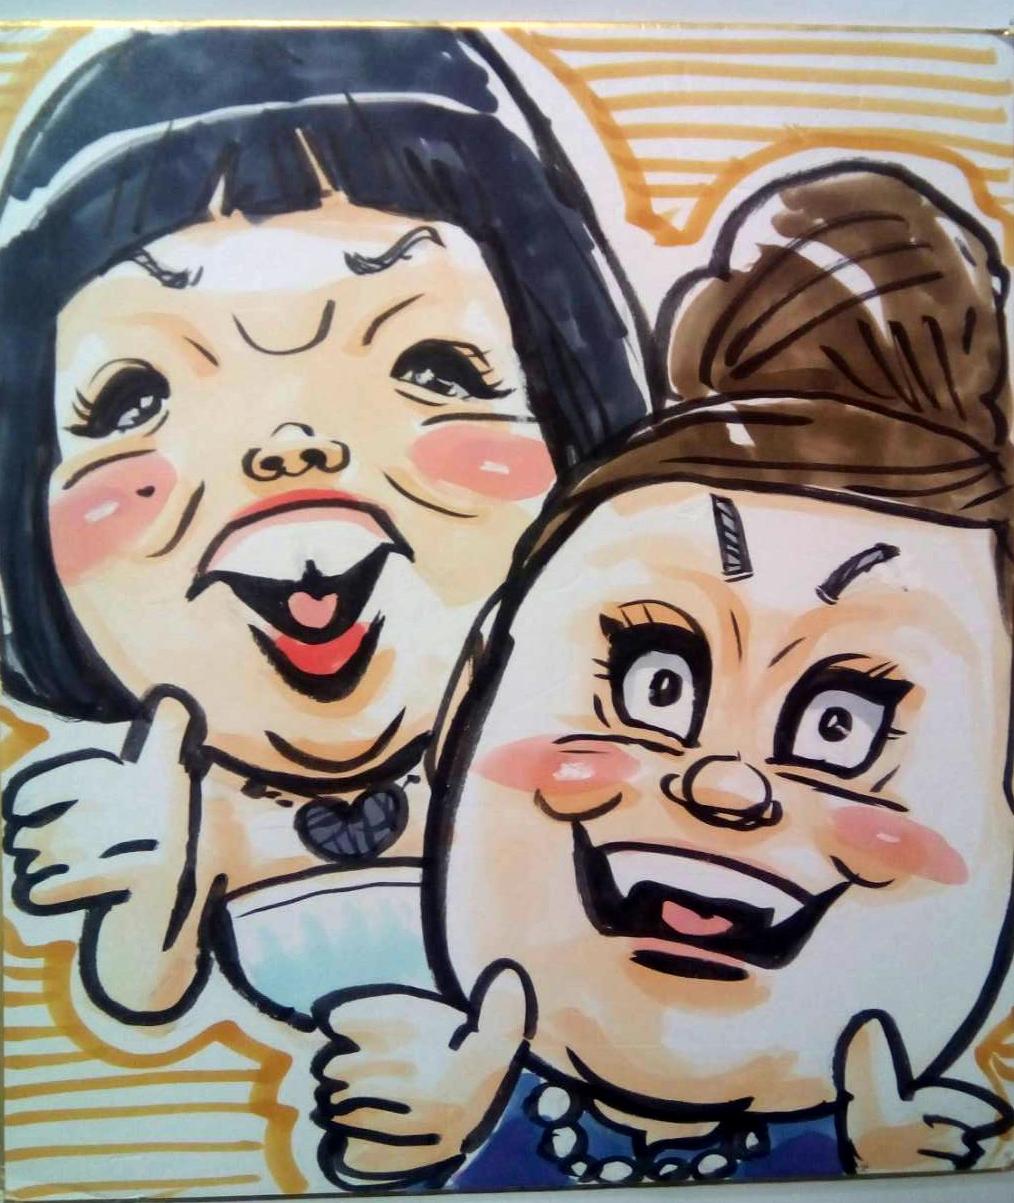 似顔絵 洋一丸 笑顔屋 イベント 出張 大阪 関西 おかずクラブ オカリナ ゆいぴー